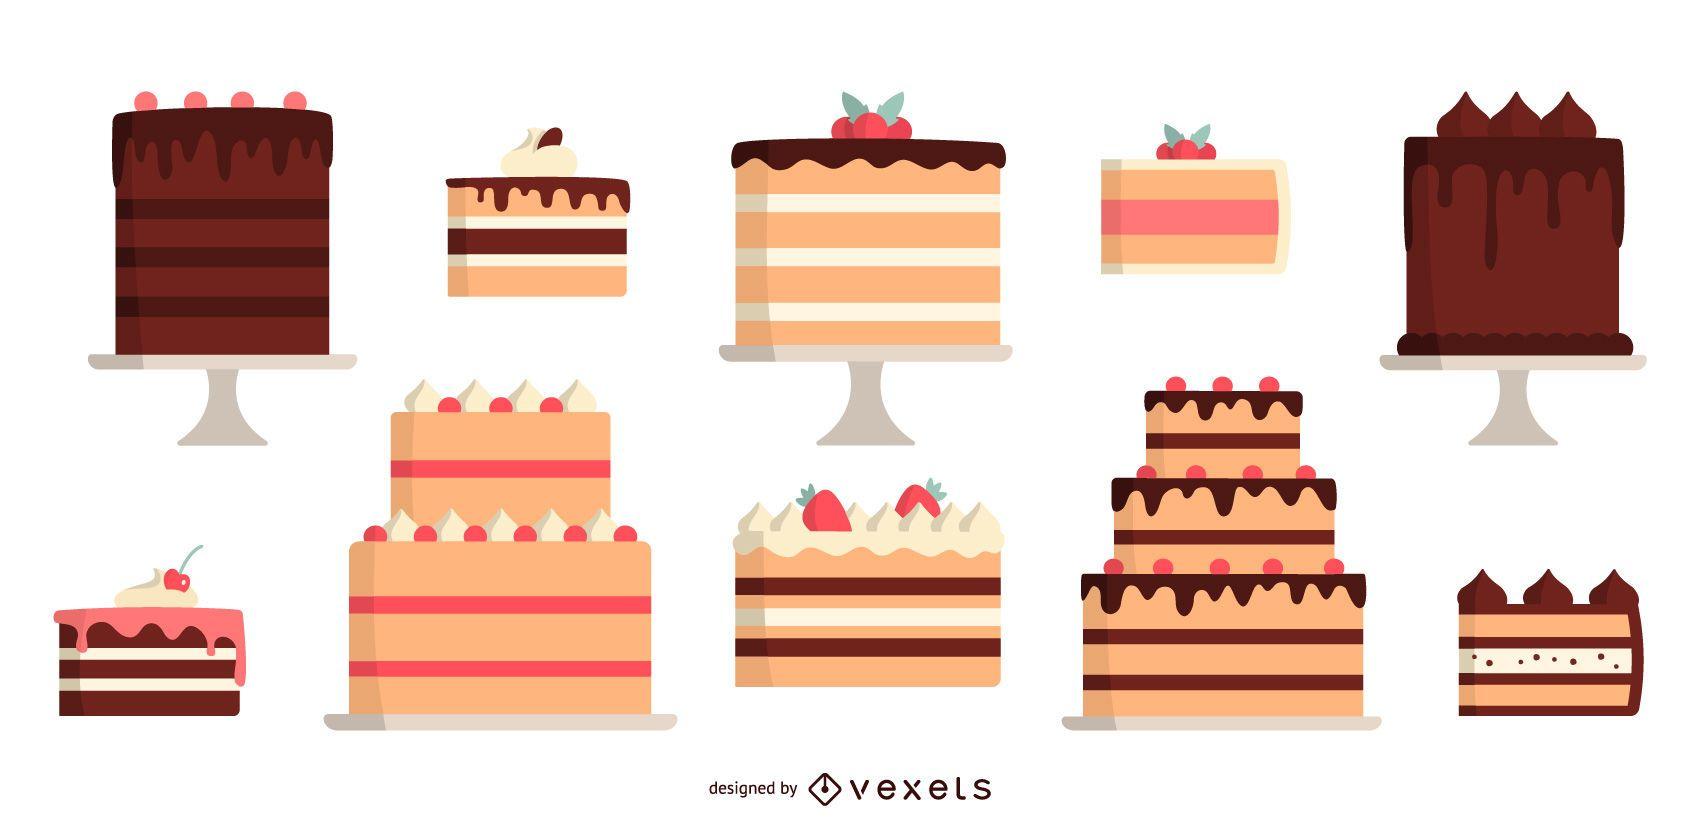 Flaches Design Farbige Kuchen Design Pack